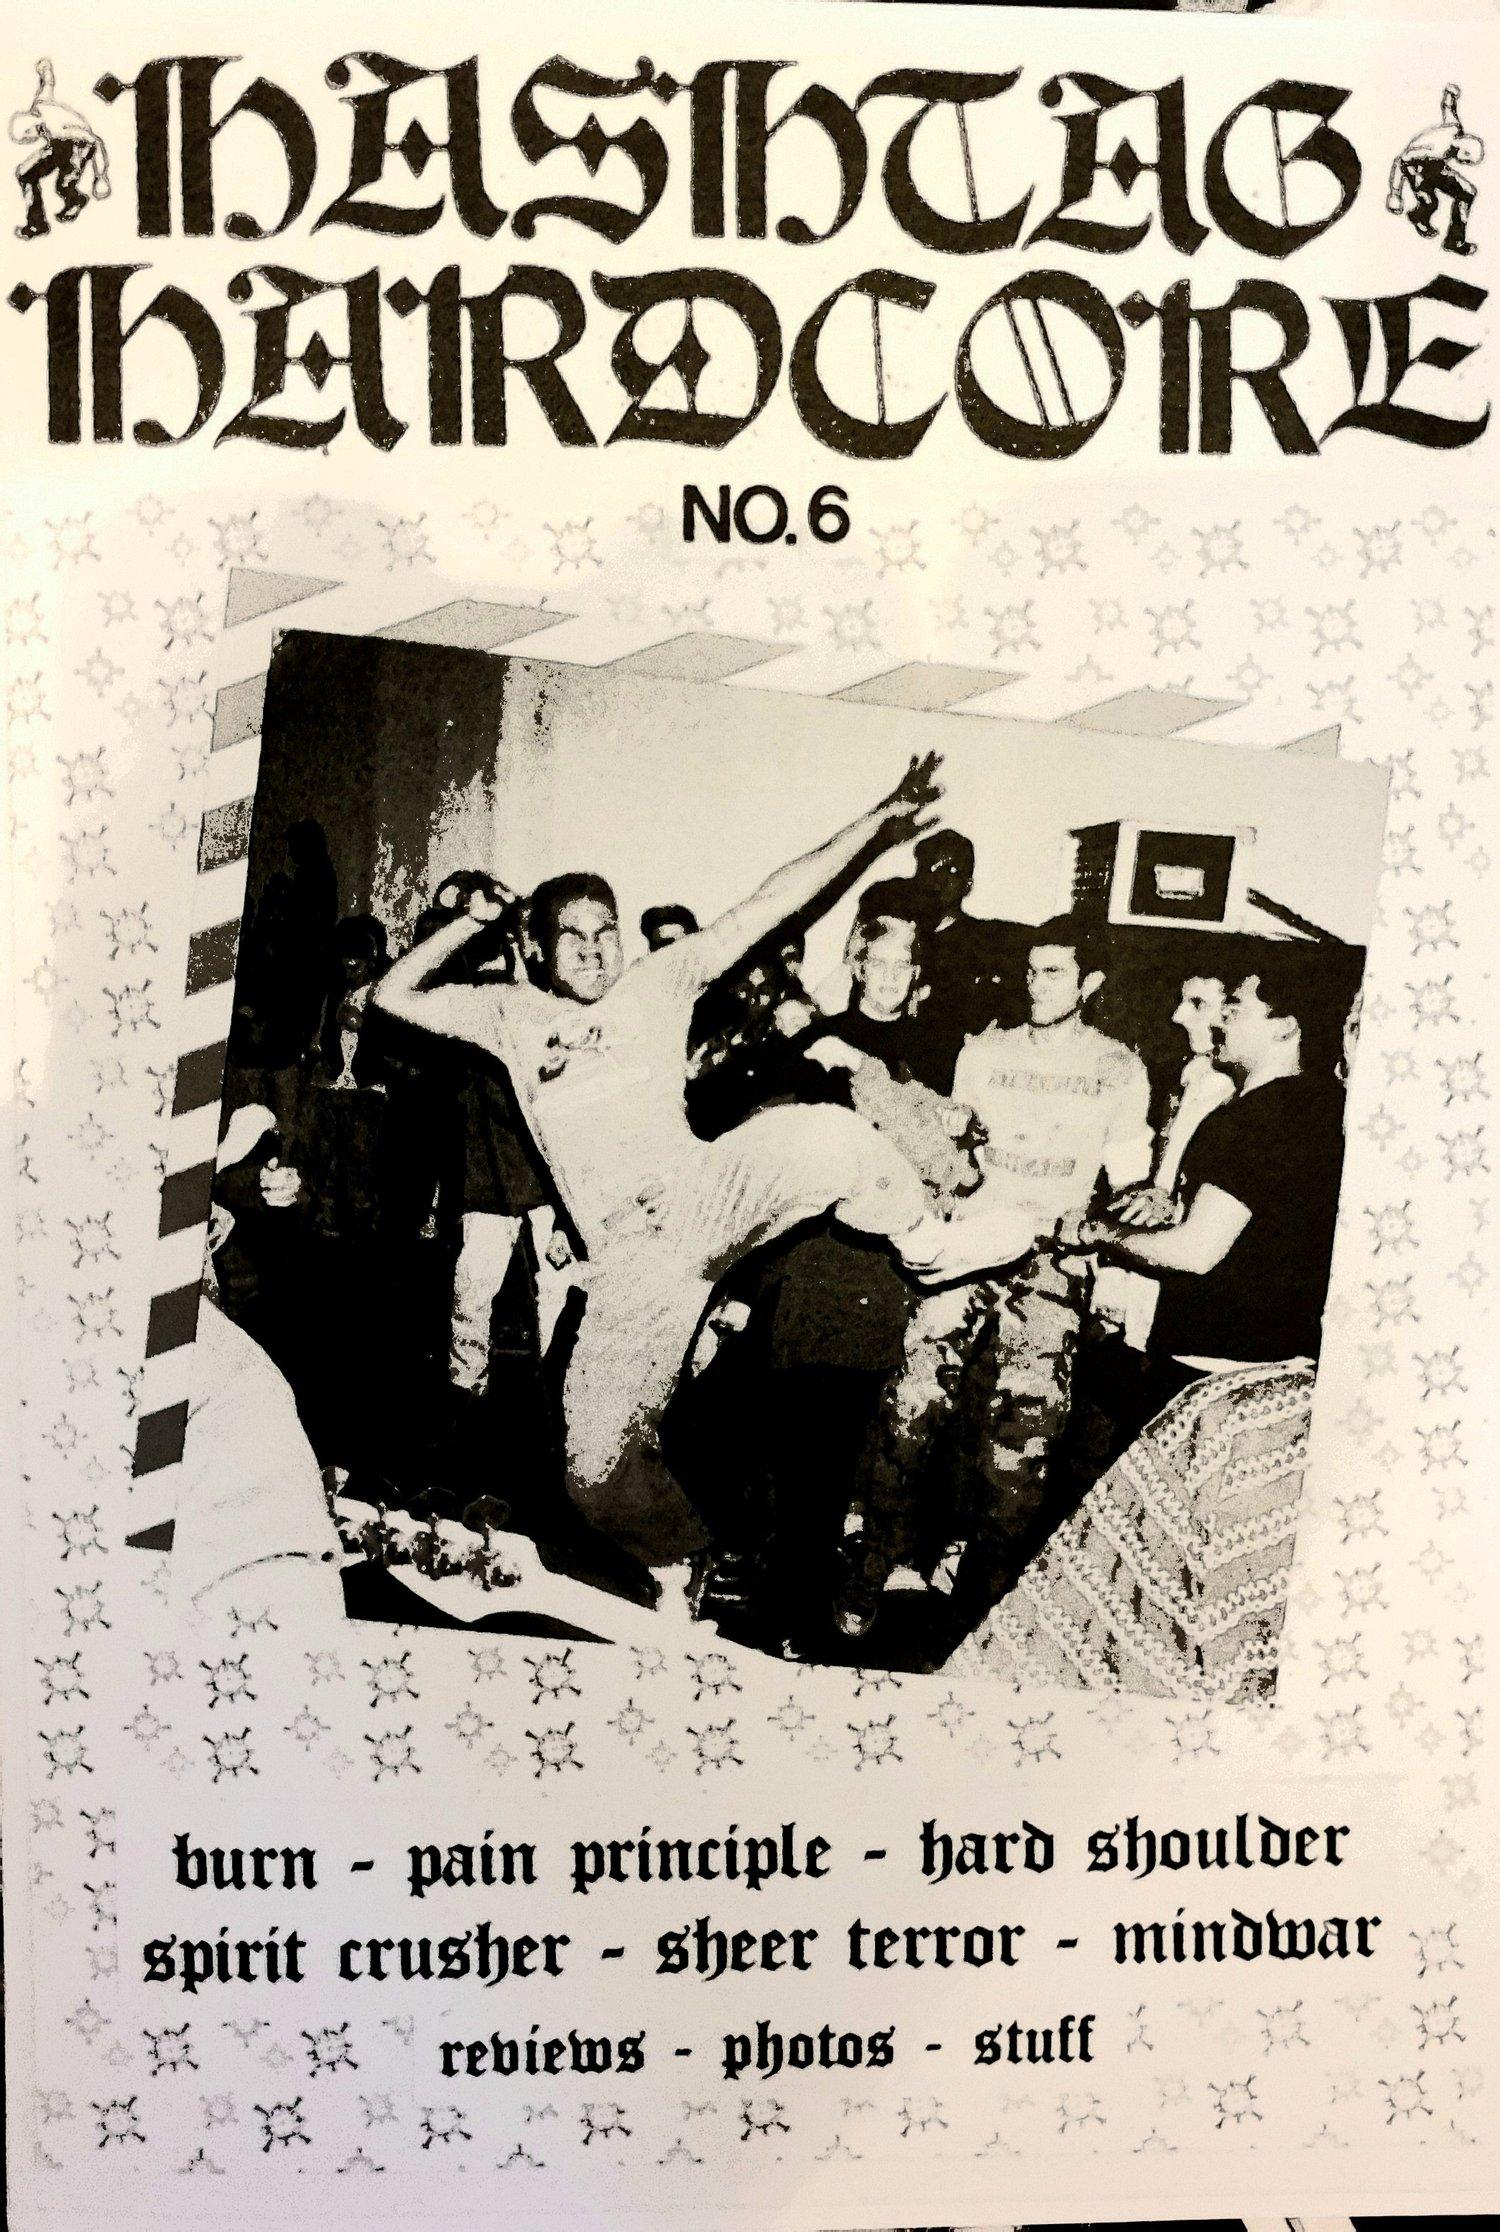 Image of Hashtag Hardcore #6